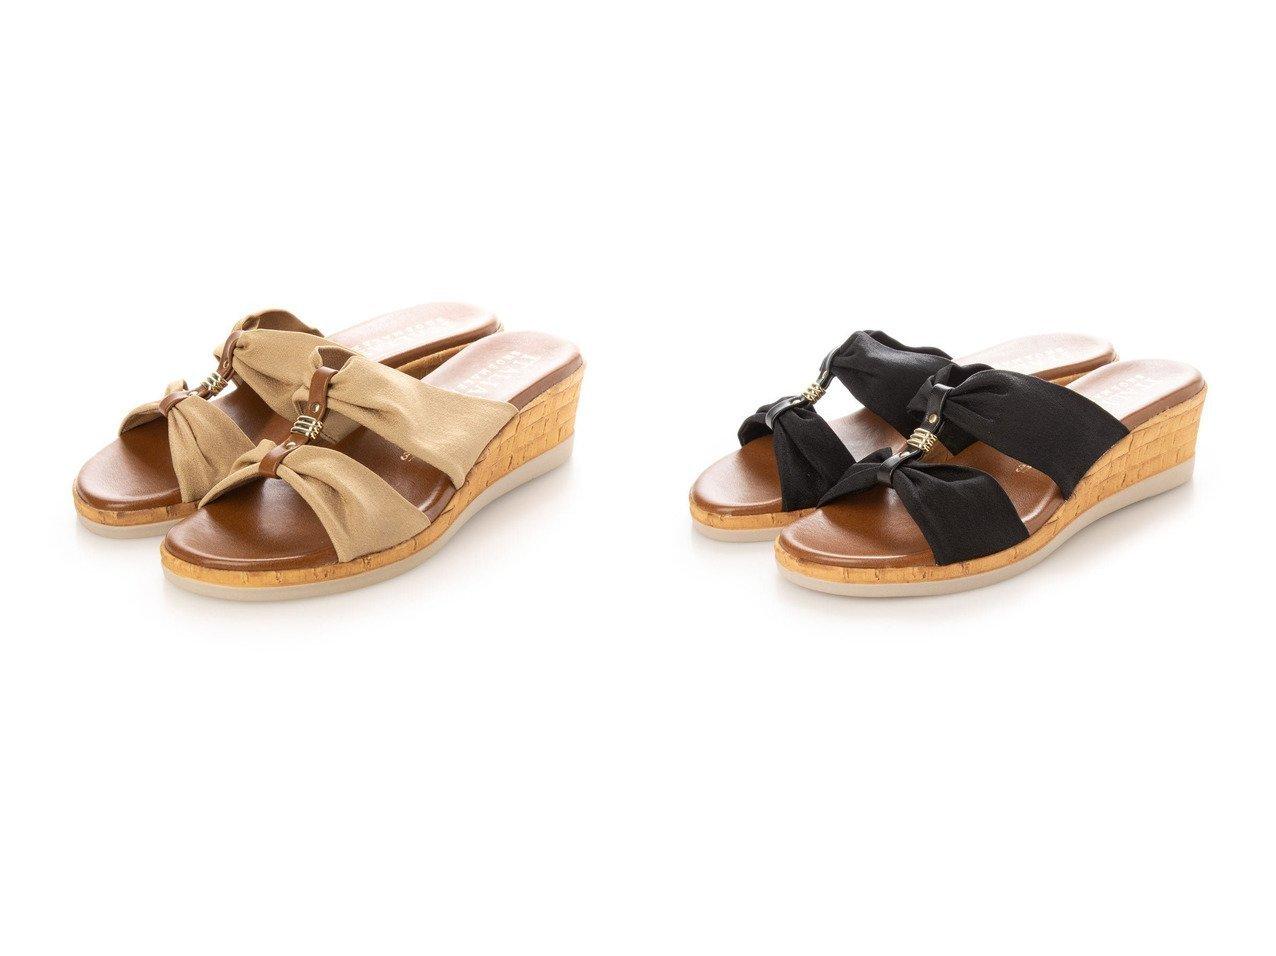 【ITALIAN SHOEMAKERS/イタリアンシューメーカーズ】の厚底ミュールサンダル 【シューズ・靴】おすすめ!人気、トレンド・レディースファッションの通販 おすすめで人気の流行・トレンド、ファッションの通販商品 インテリア・家具・メンズファッション・キッズファッション・レディースファッション・服の通販 founy(ファニー) https://founy.com/ ファッション Fashion レディースファッション WOMEN 2021年 2021 2021春夏・S/S SS/Spring/Summer/2021 S/S・春夏 SS・Spring/Summer おすすめ Recommend イタリア インソール クッション シューズ リラックス 人気 厚底 春 Spring |ID:crp329100000045537